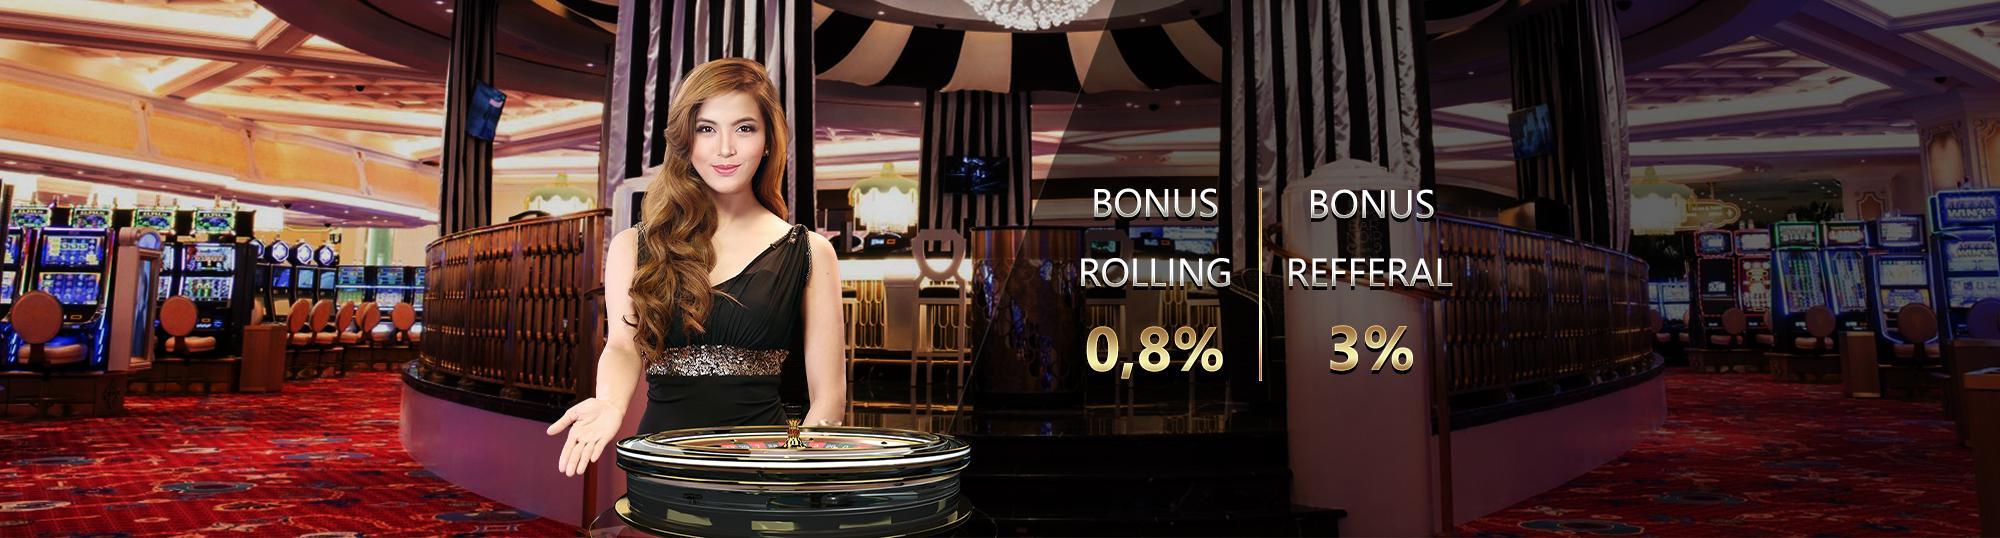 Ronus Rolling Bonus Refferal